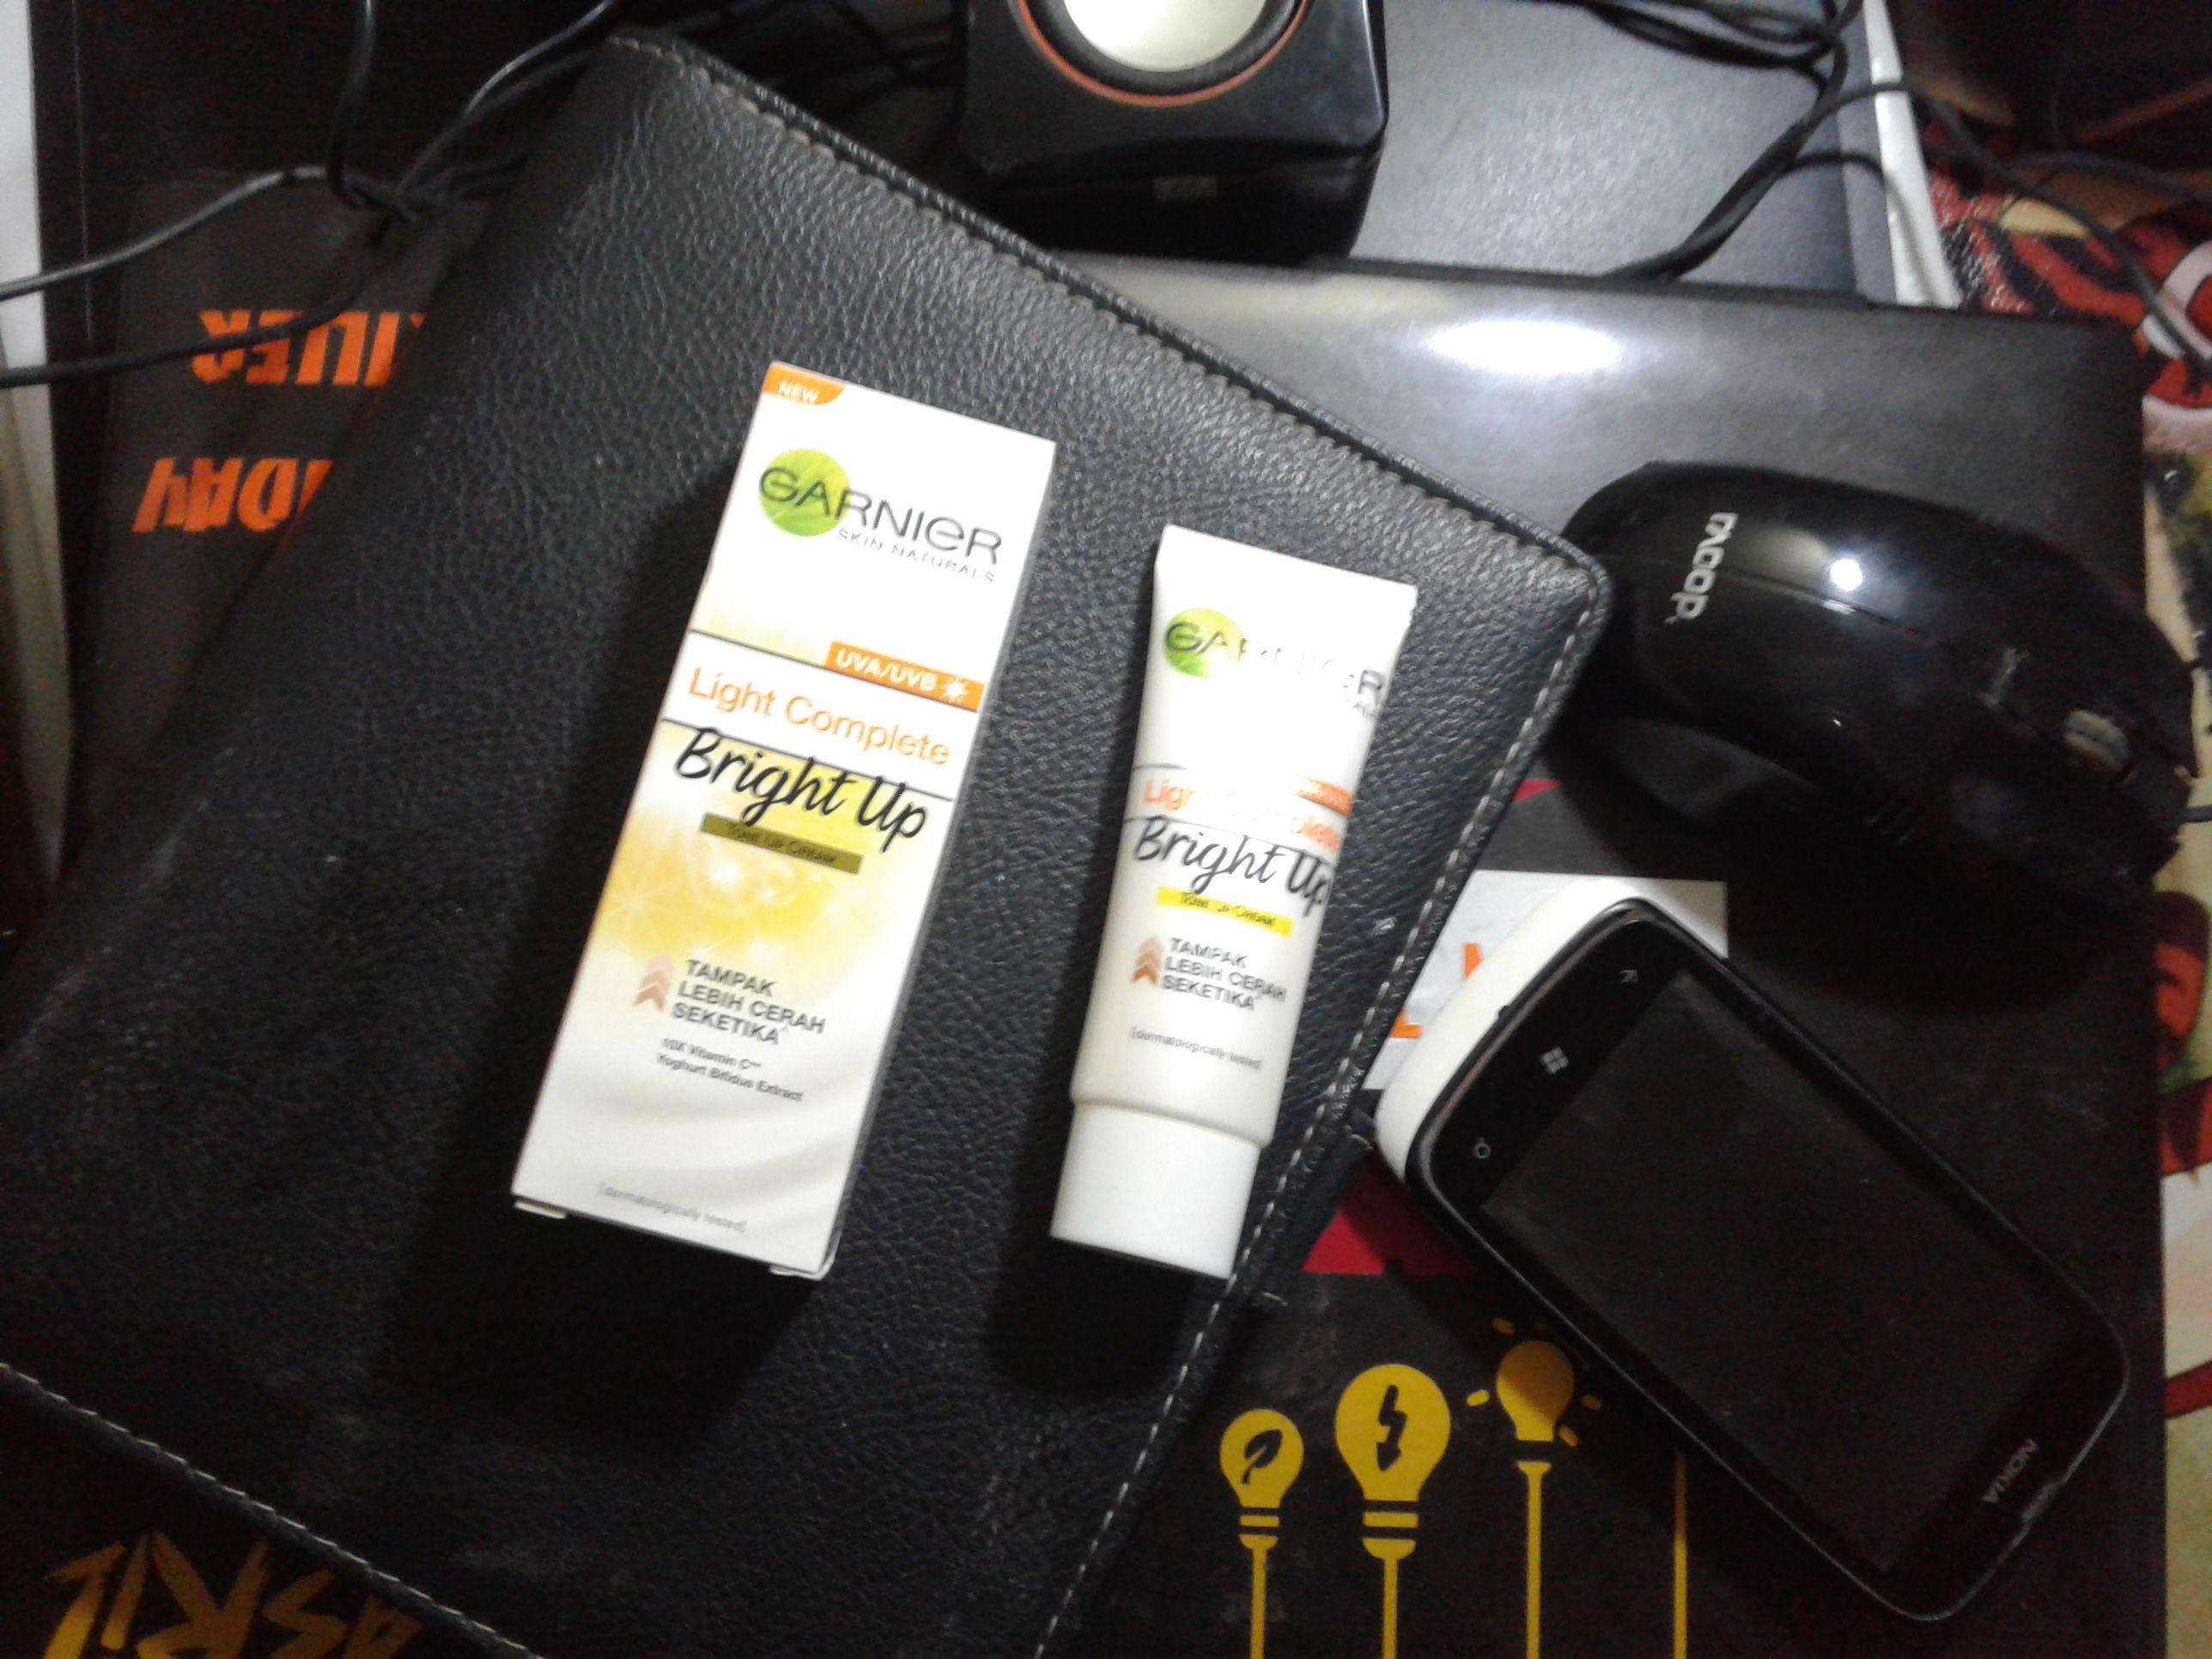 gambar review ke-6 untuk Garnier Light Complete Bright Up Tone Up Cream